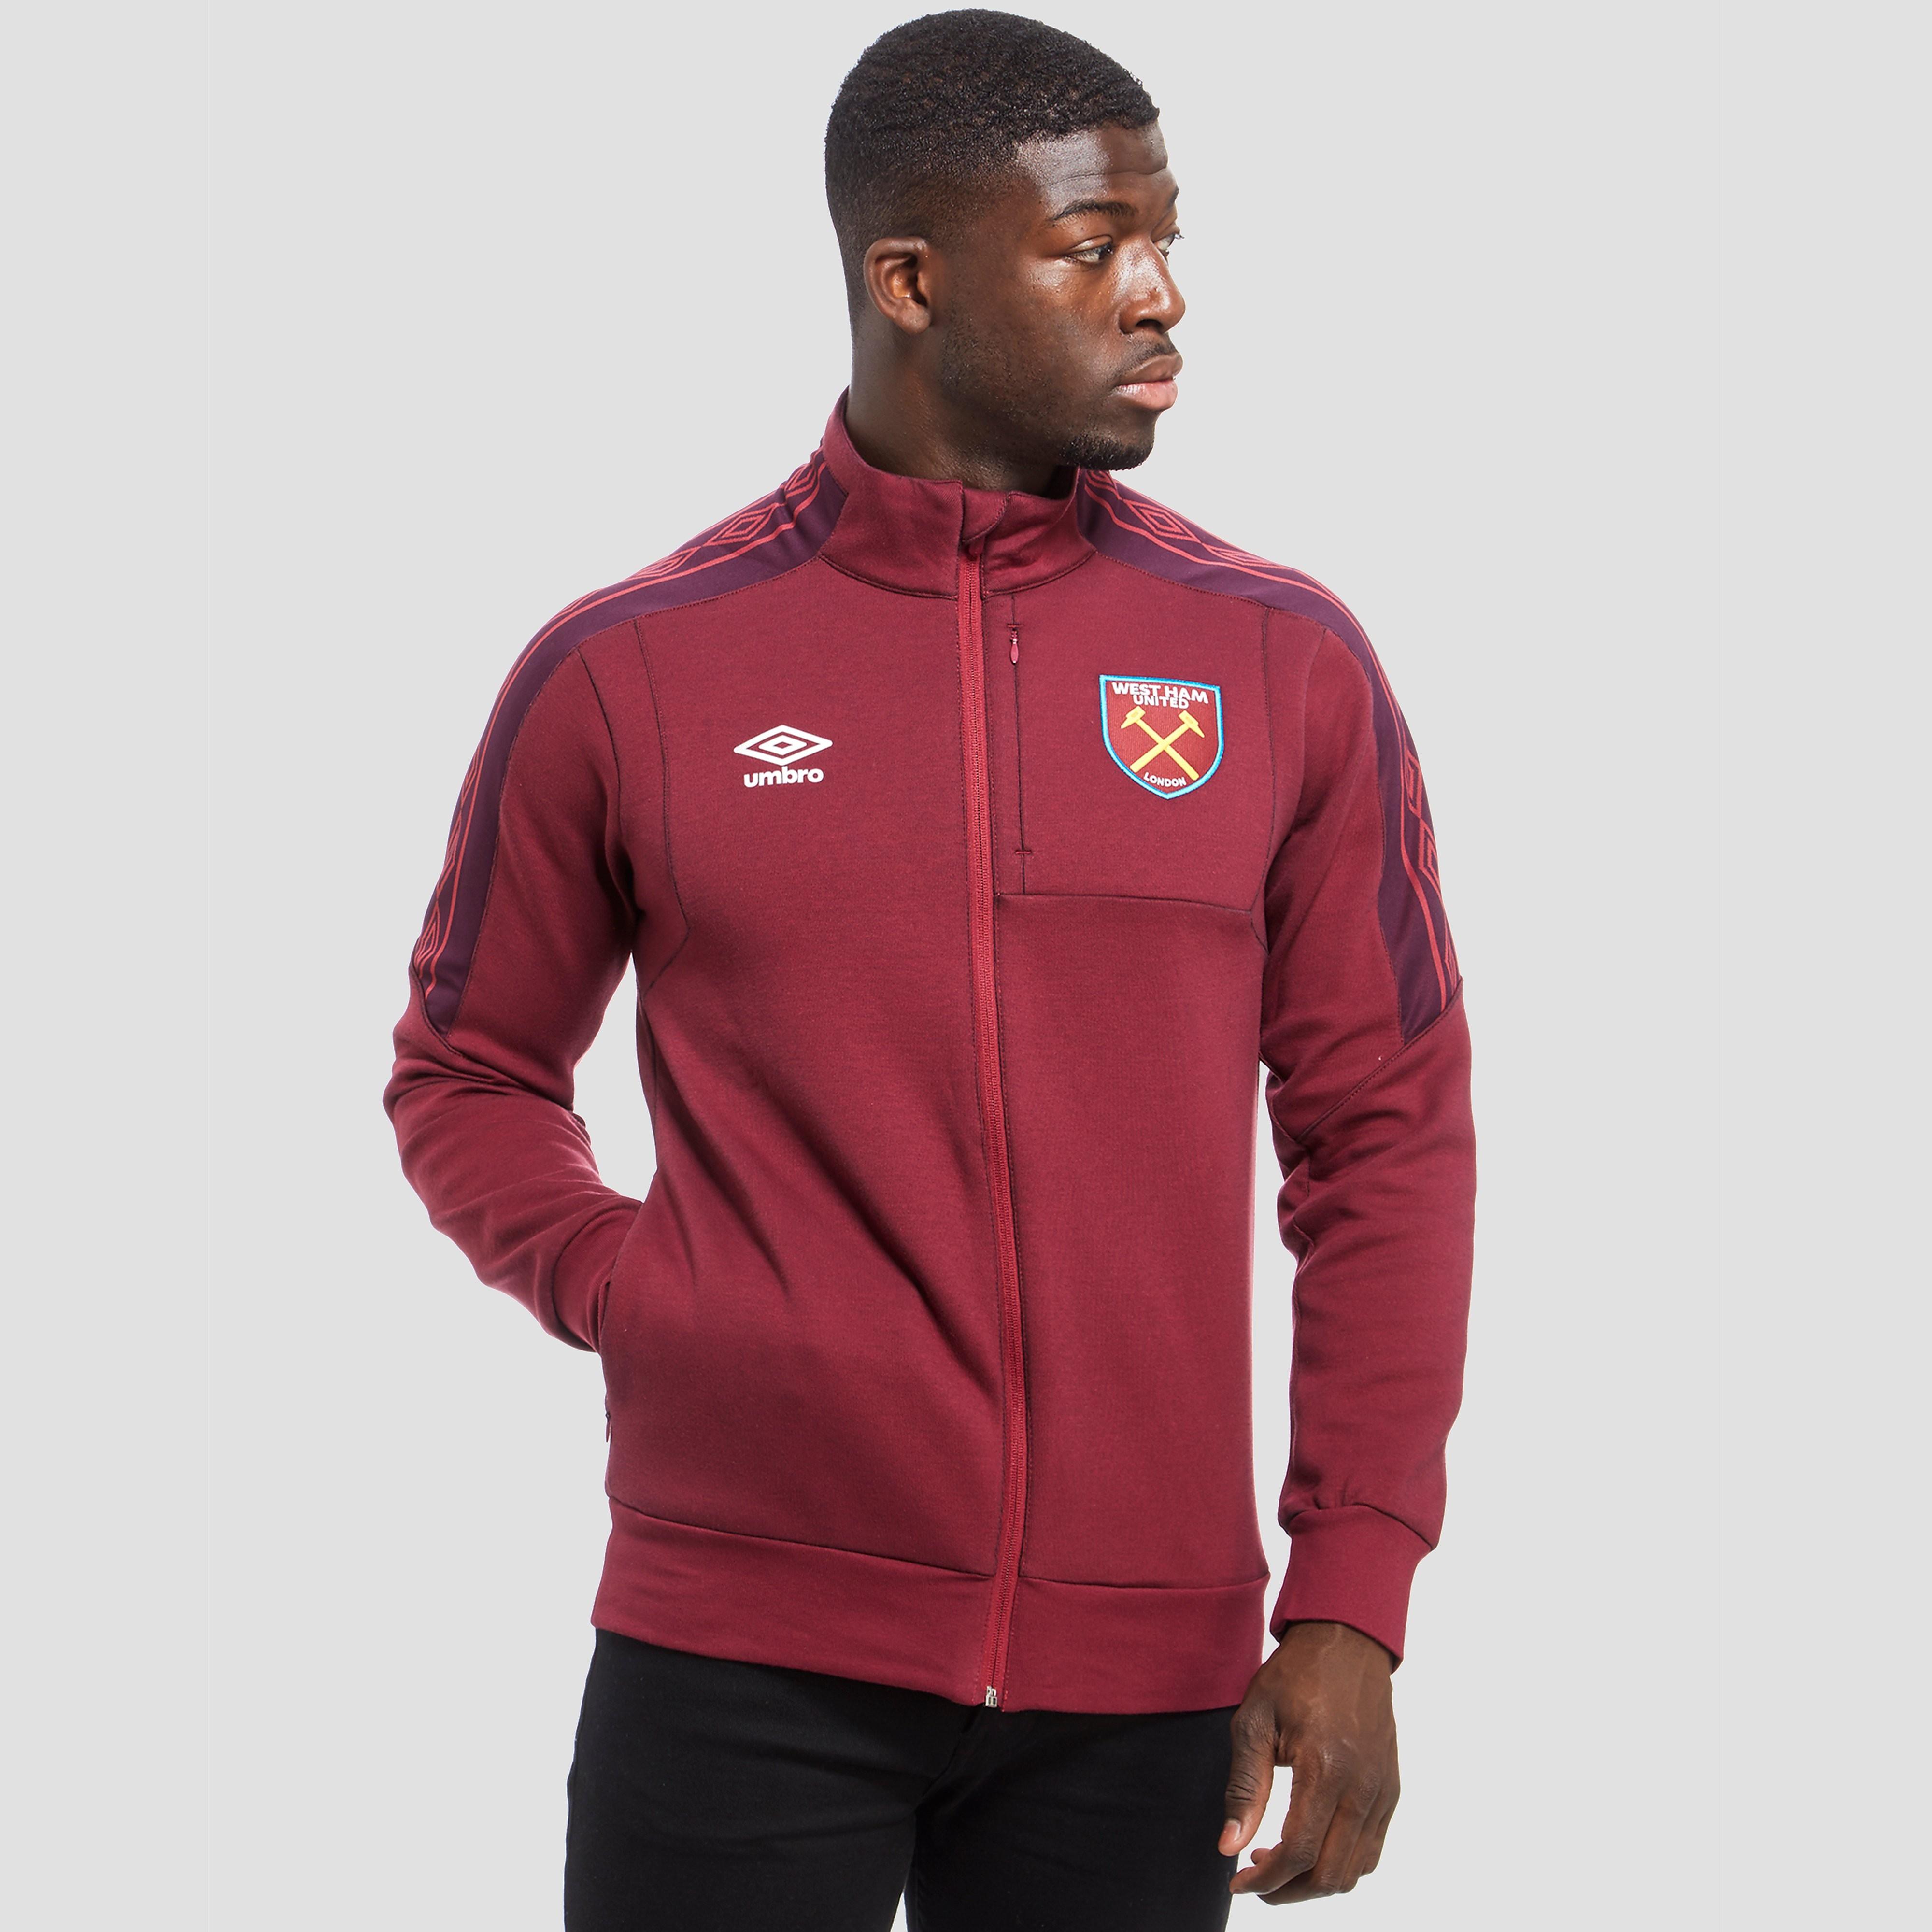 Umbro West Ham United Walkout Jacket